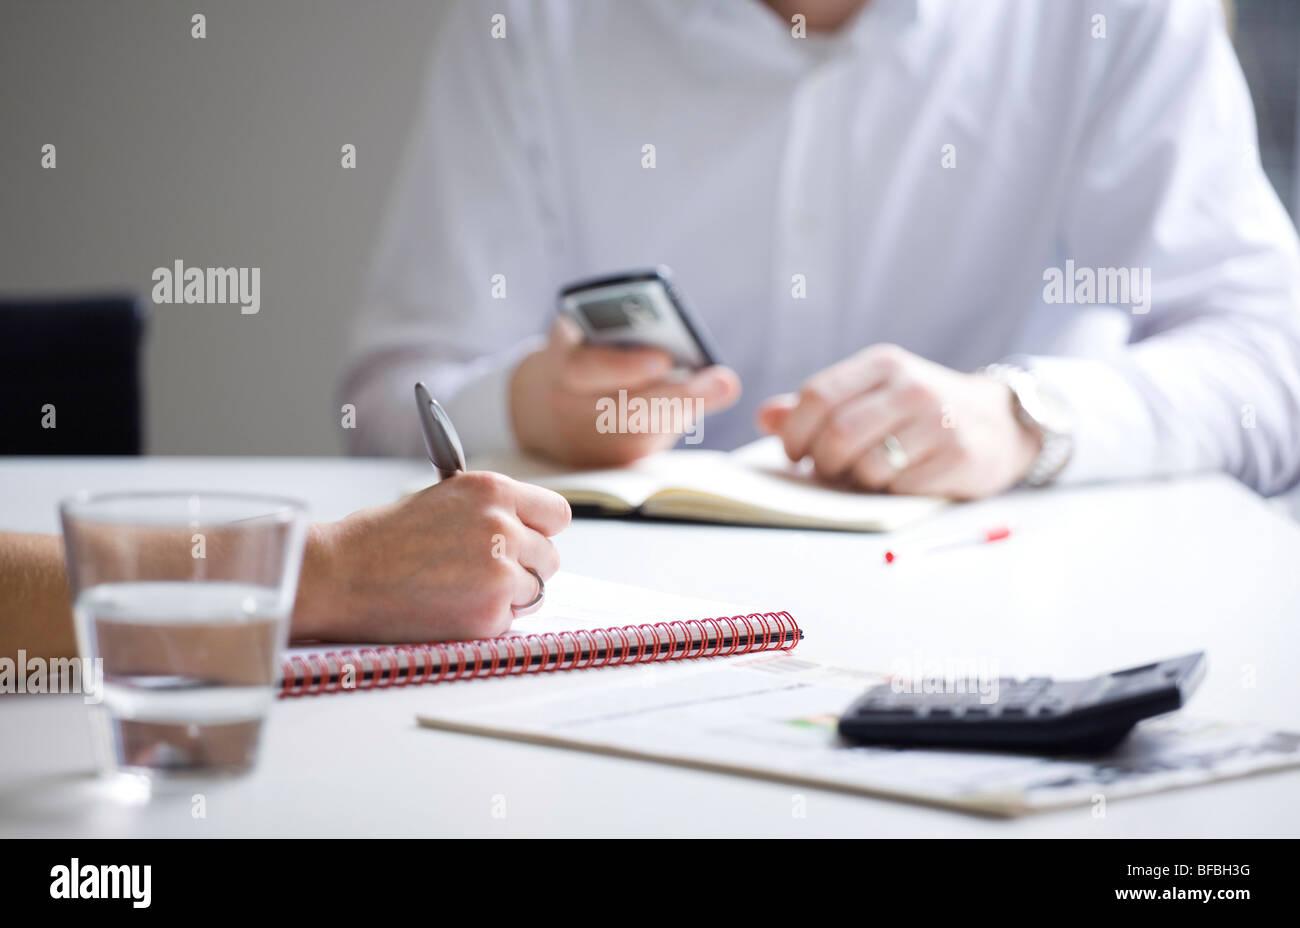 Business meeting prendendo appunti e la ricezione di messaggi di posta elettronica Immagini Stock